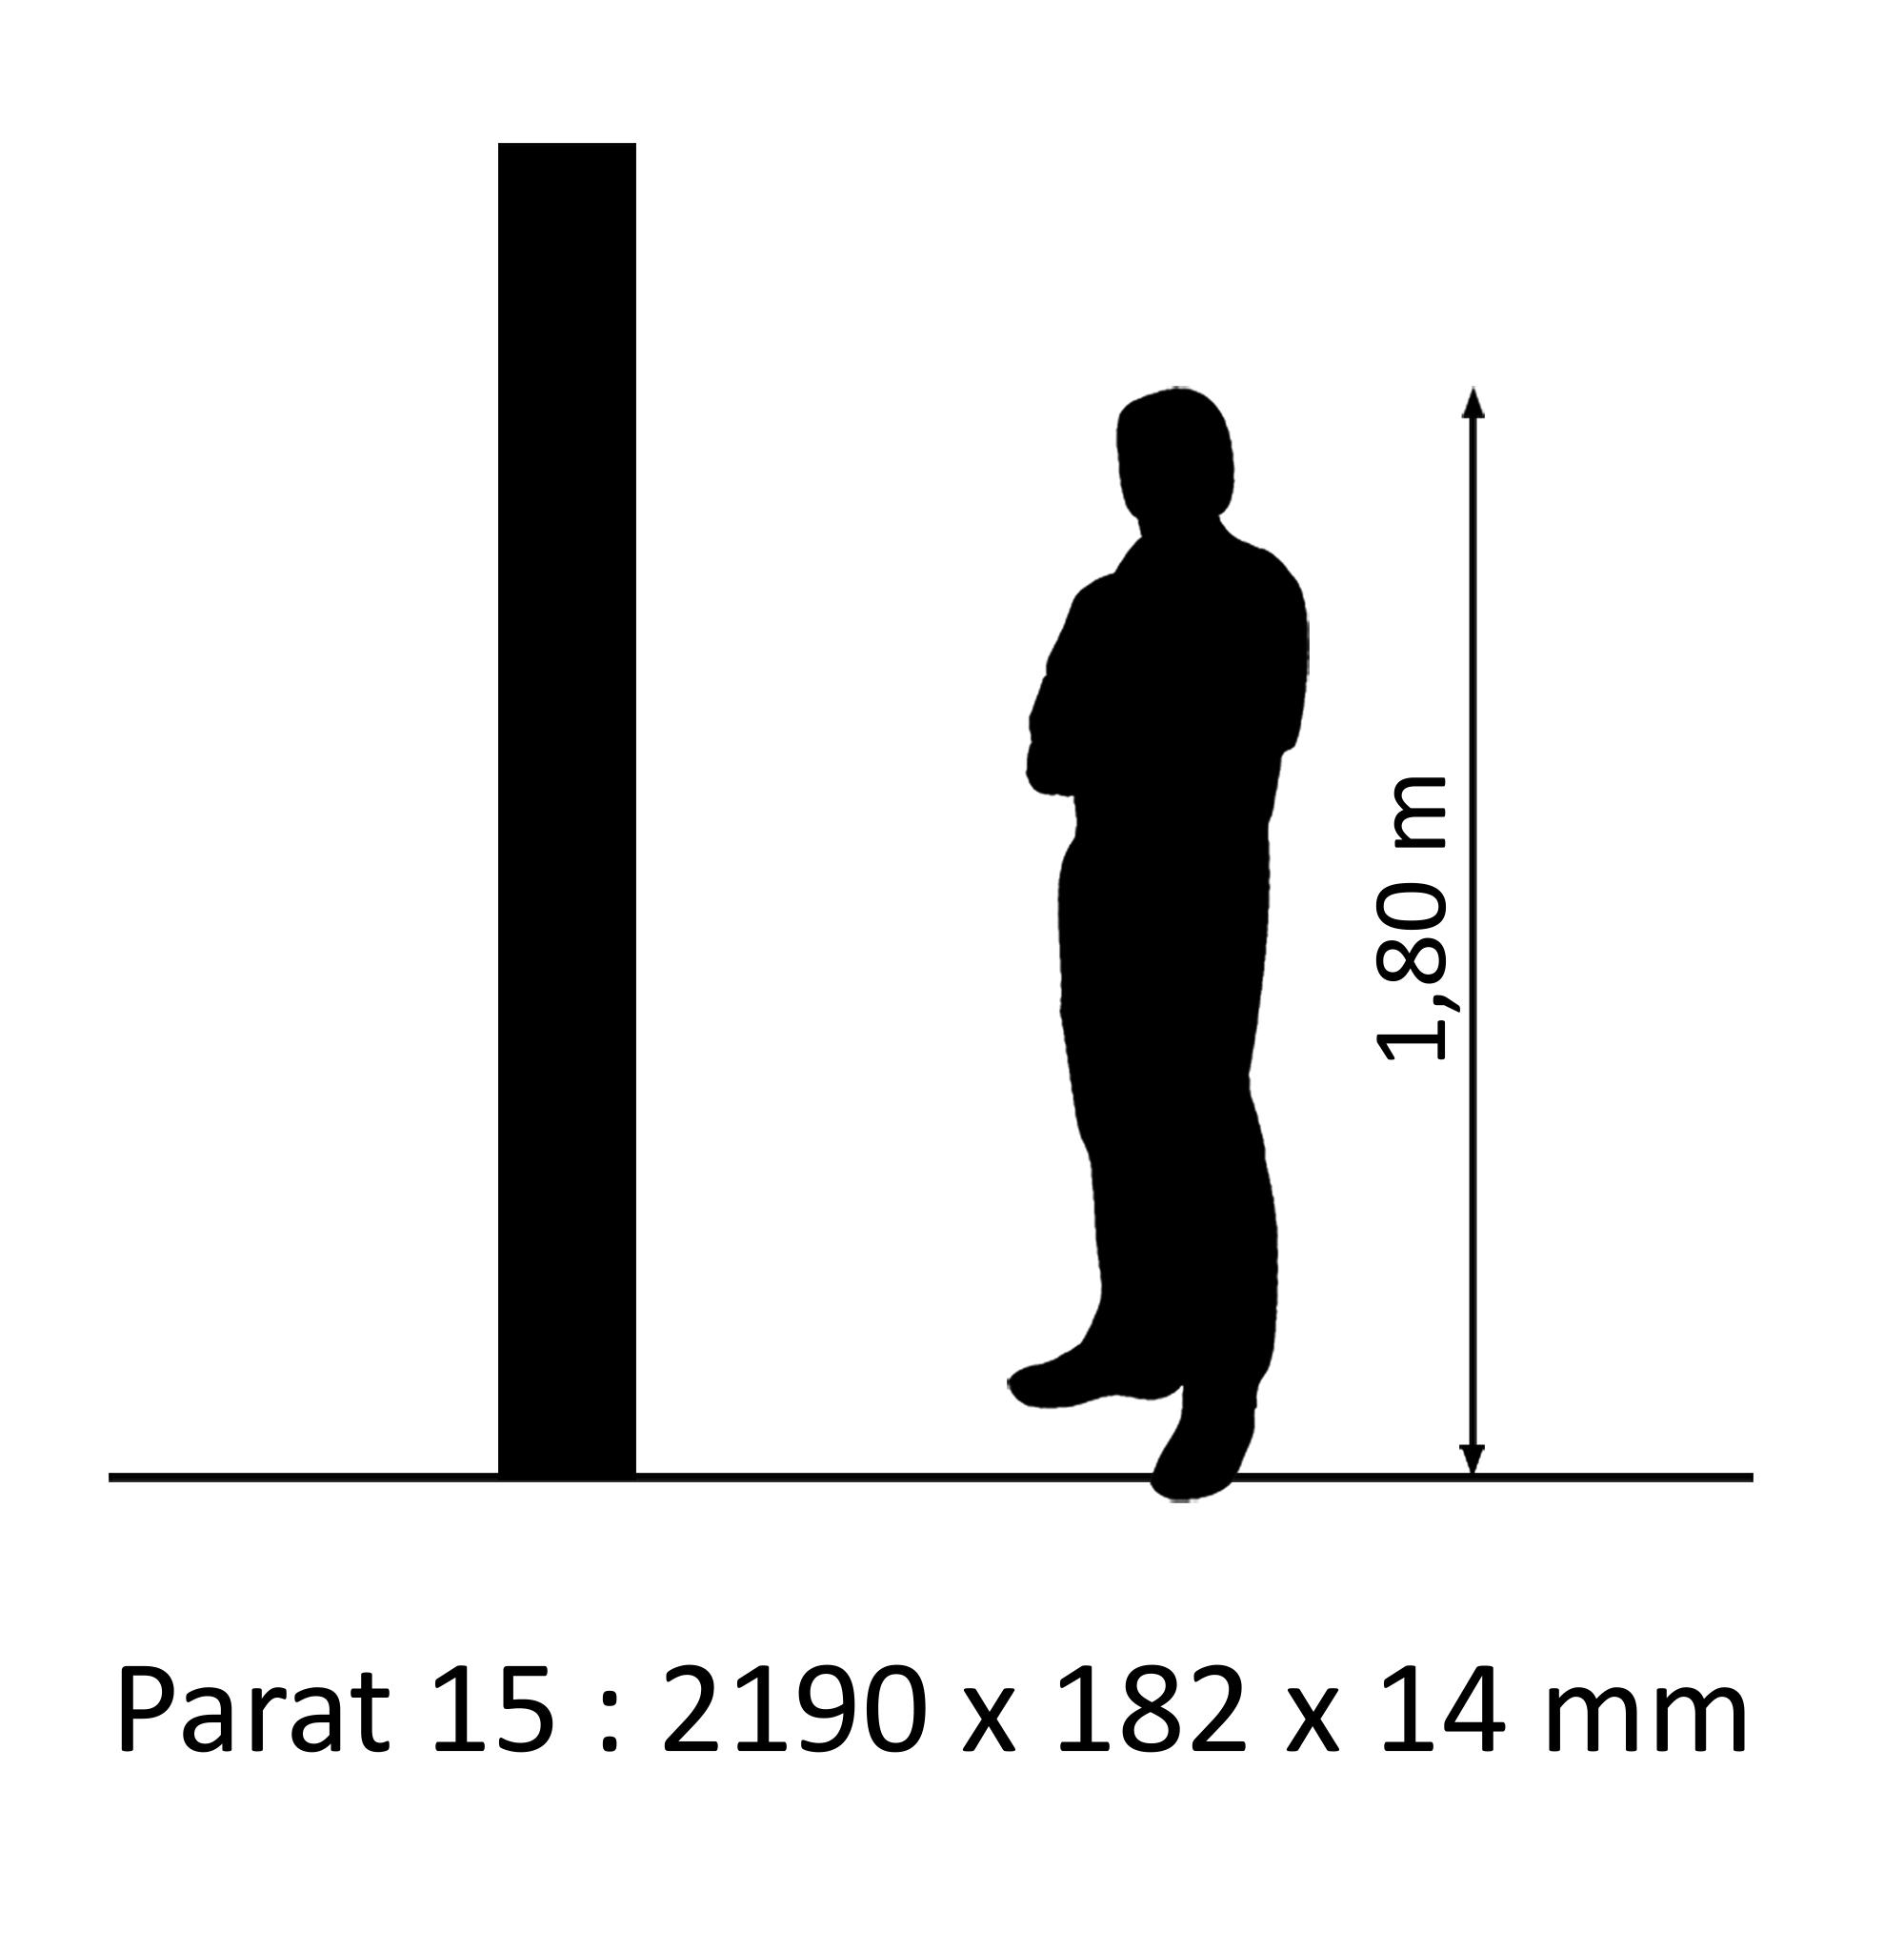 PARAT 15 Eiche Natur SB Mattlack 14mm